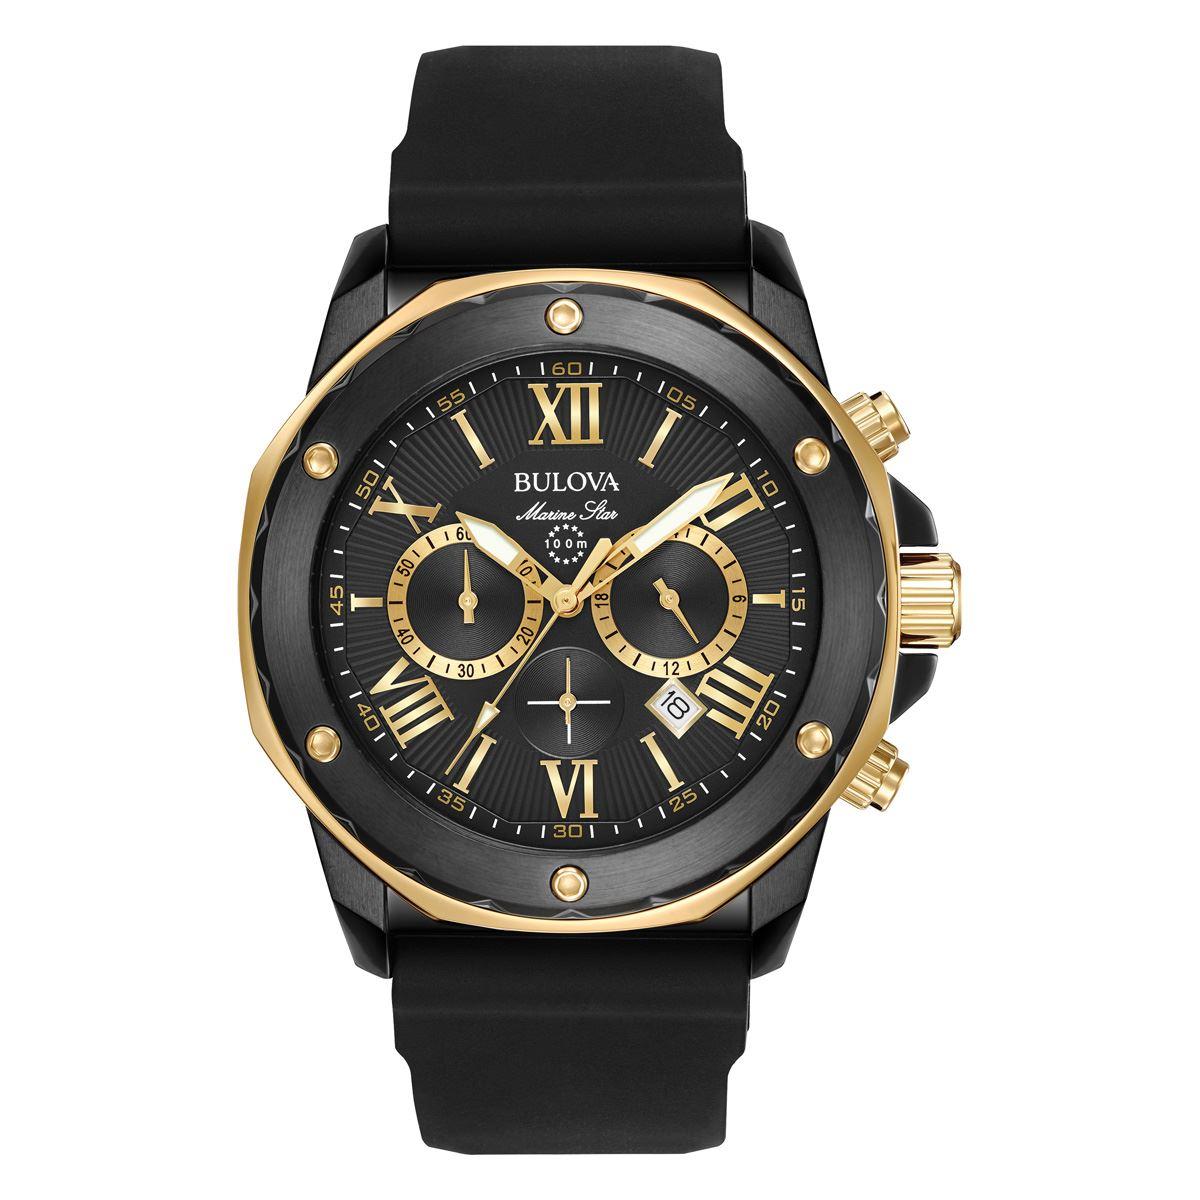 Reloj bulova 98b278  - Sanborns